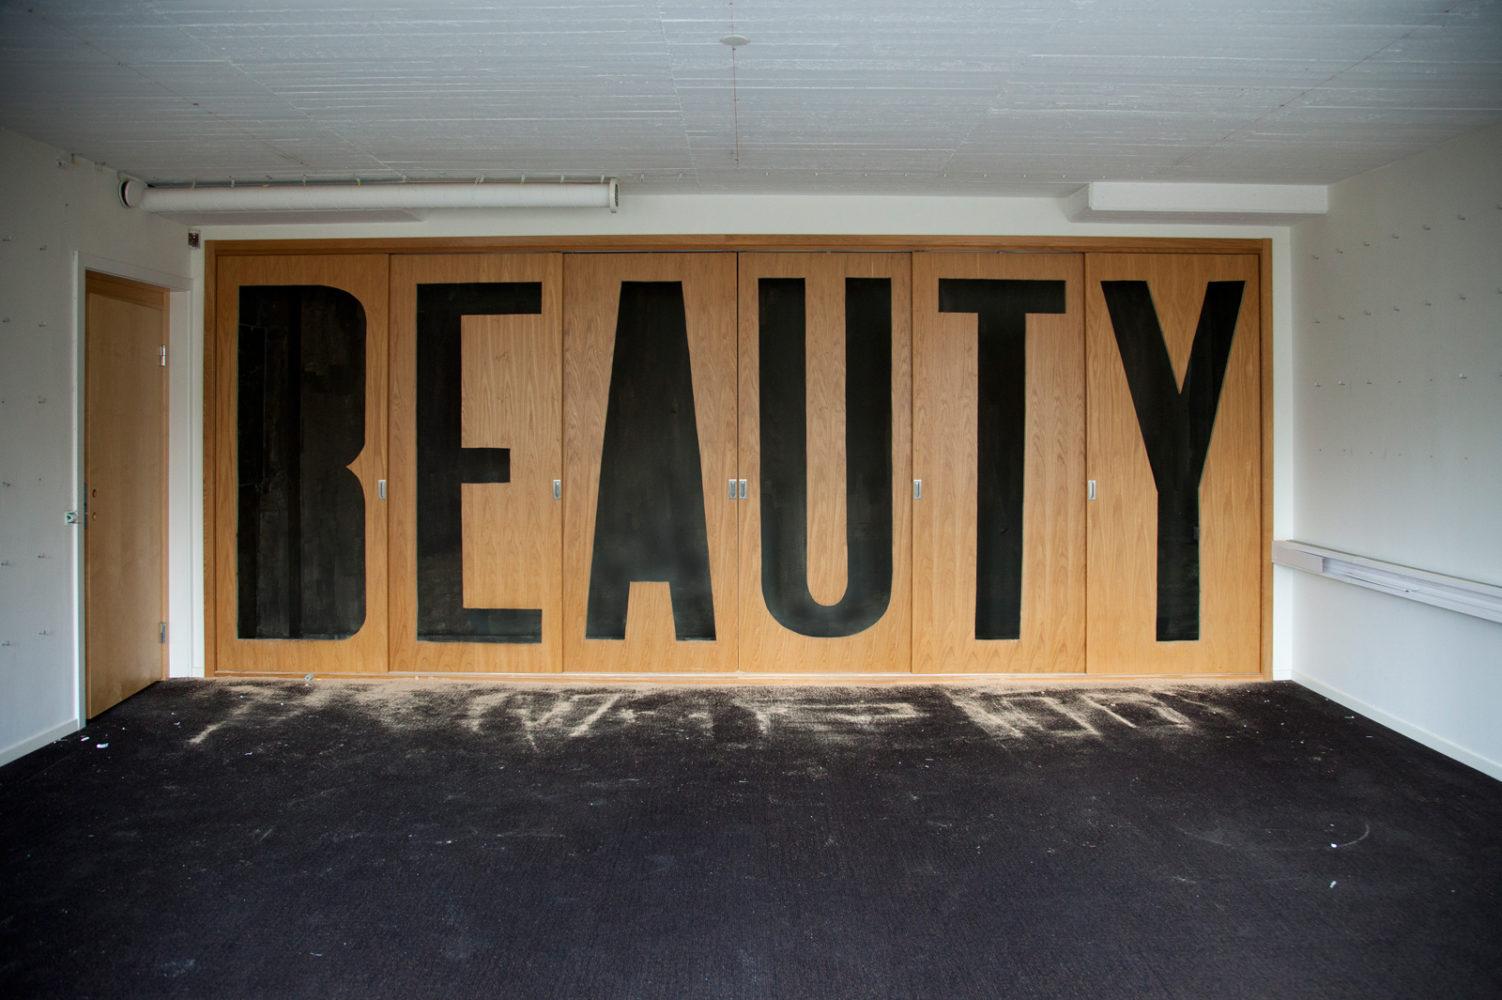 Mima - beauty-by-akay-and-Olabo